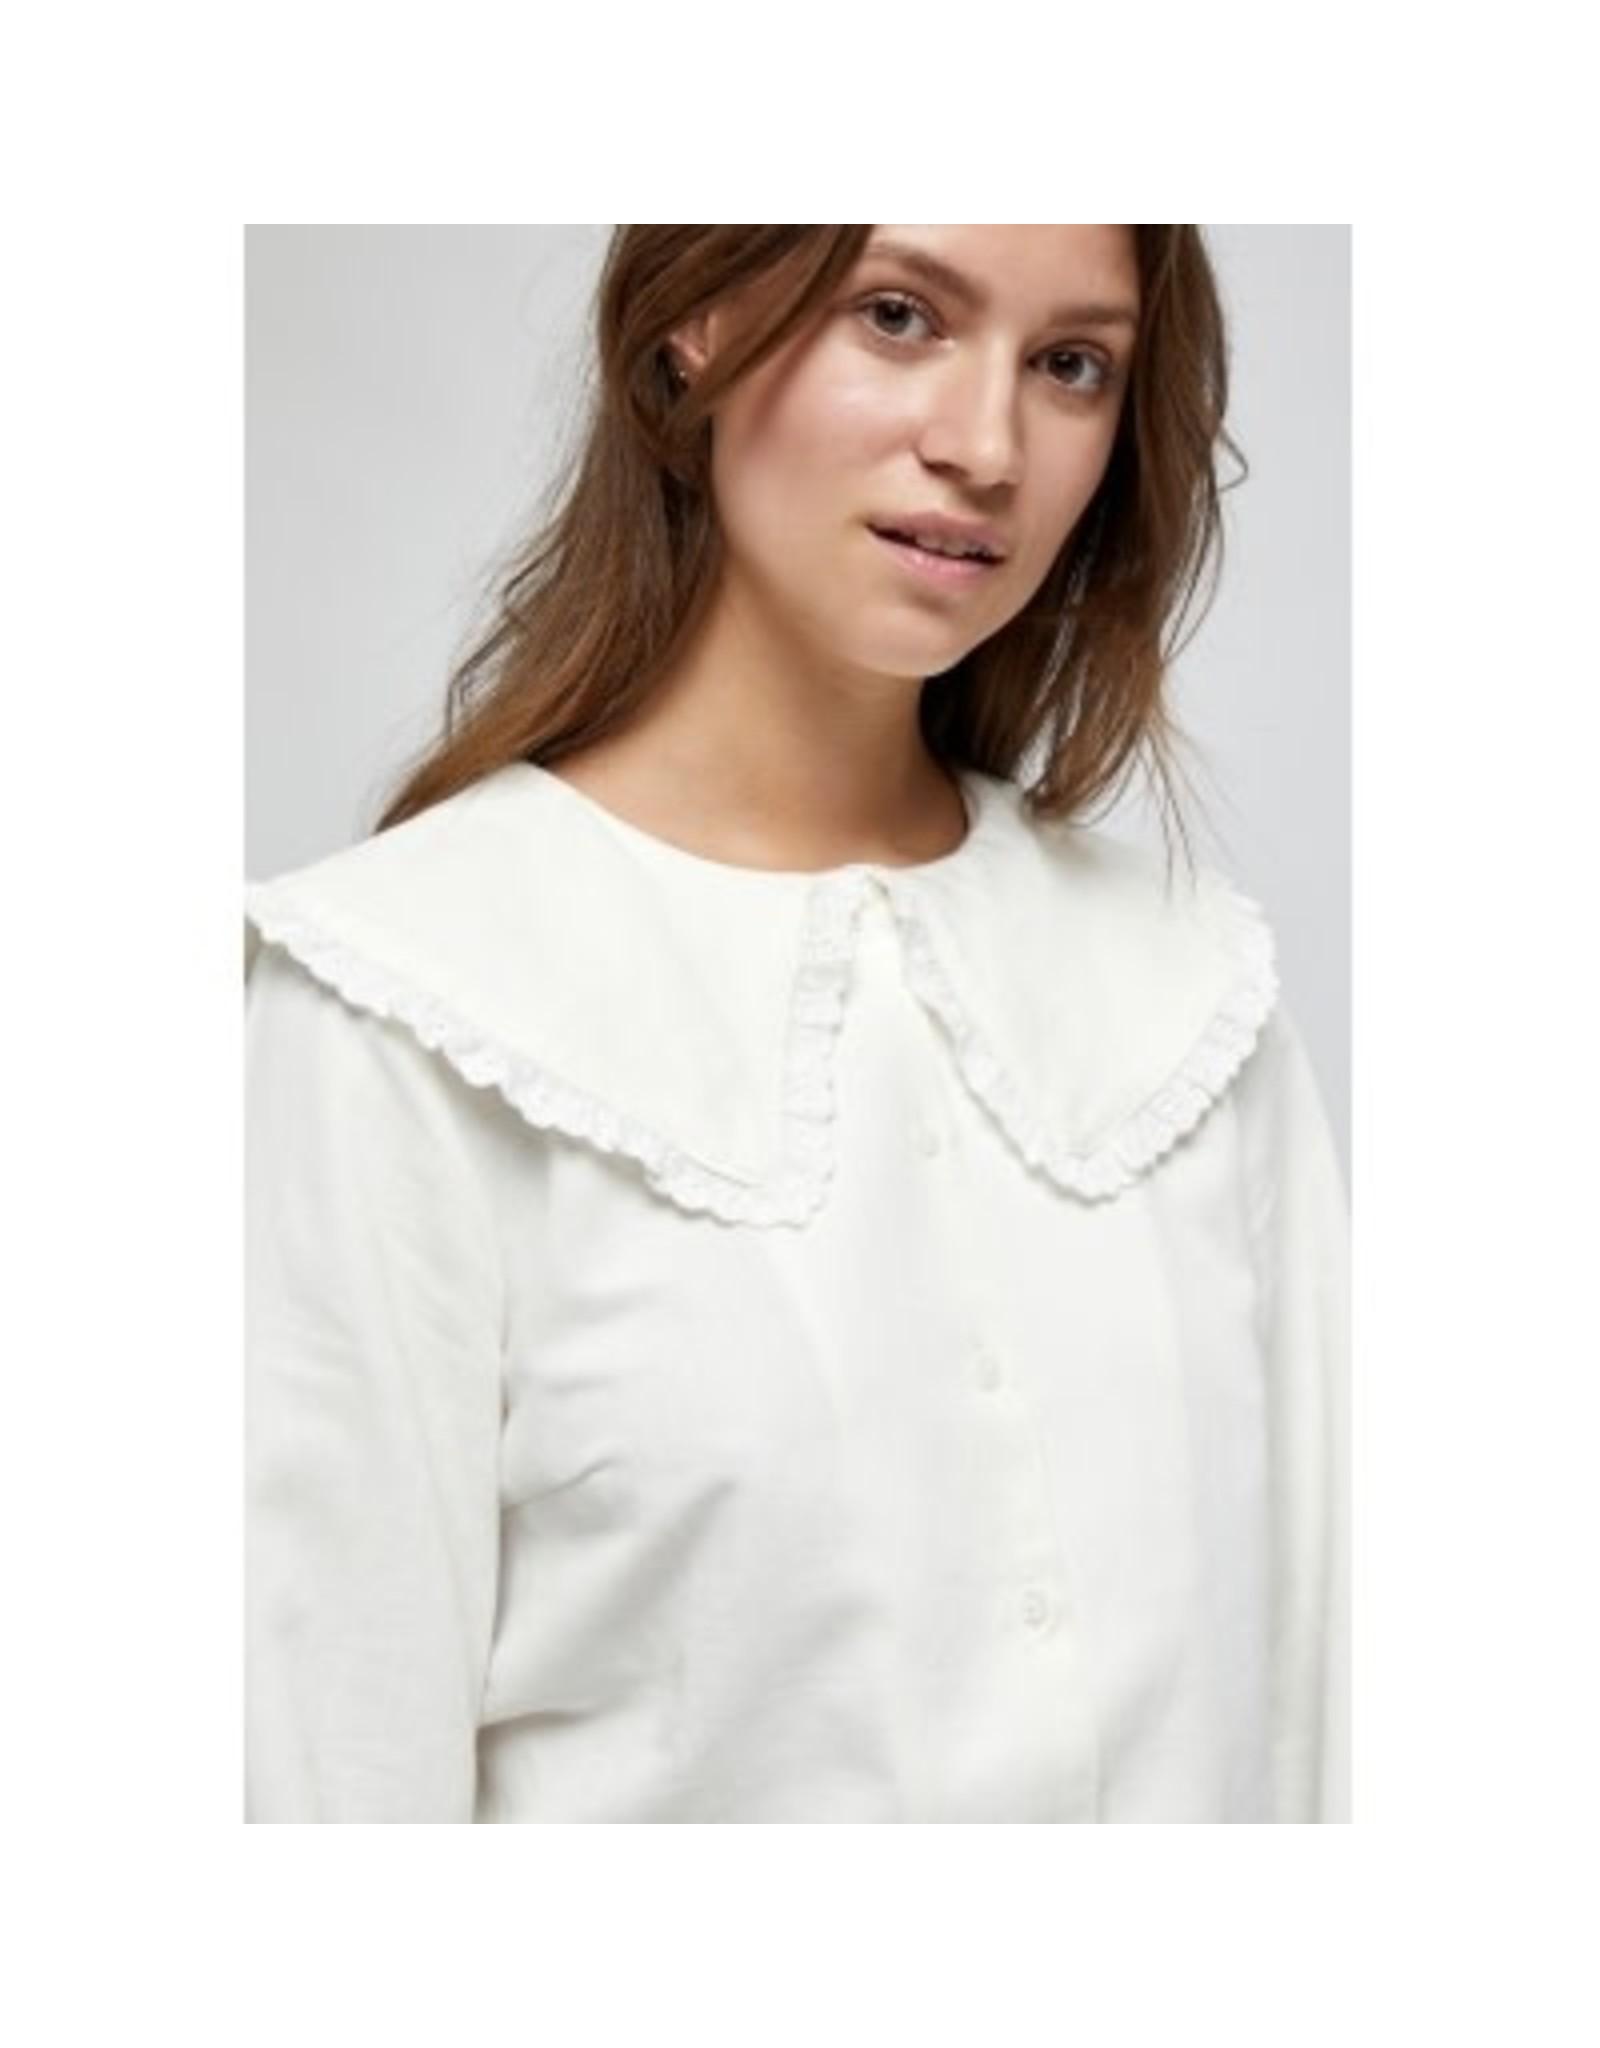 Minus Elvina Collar Shirt